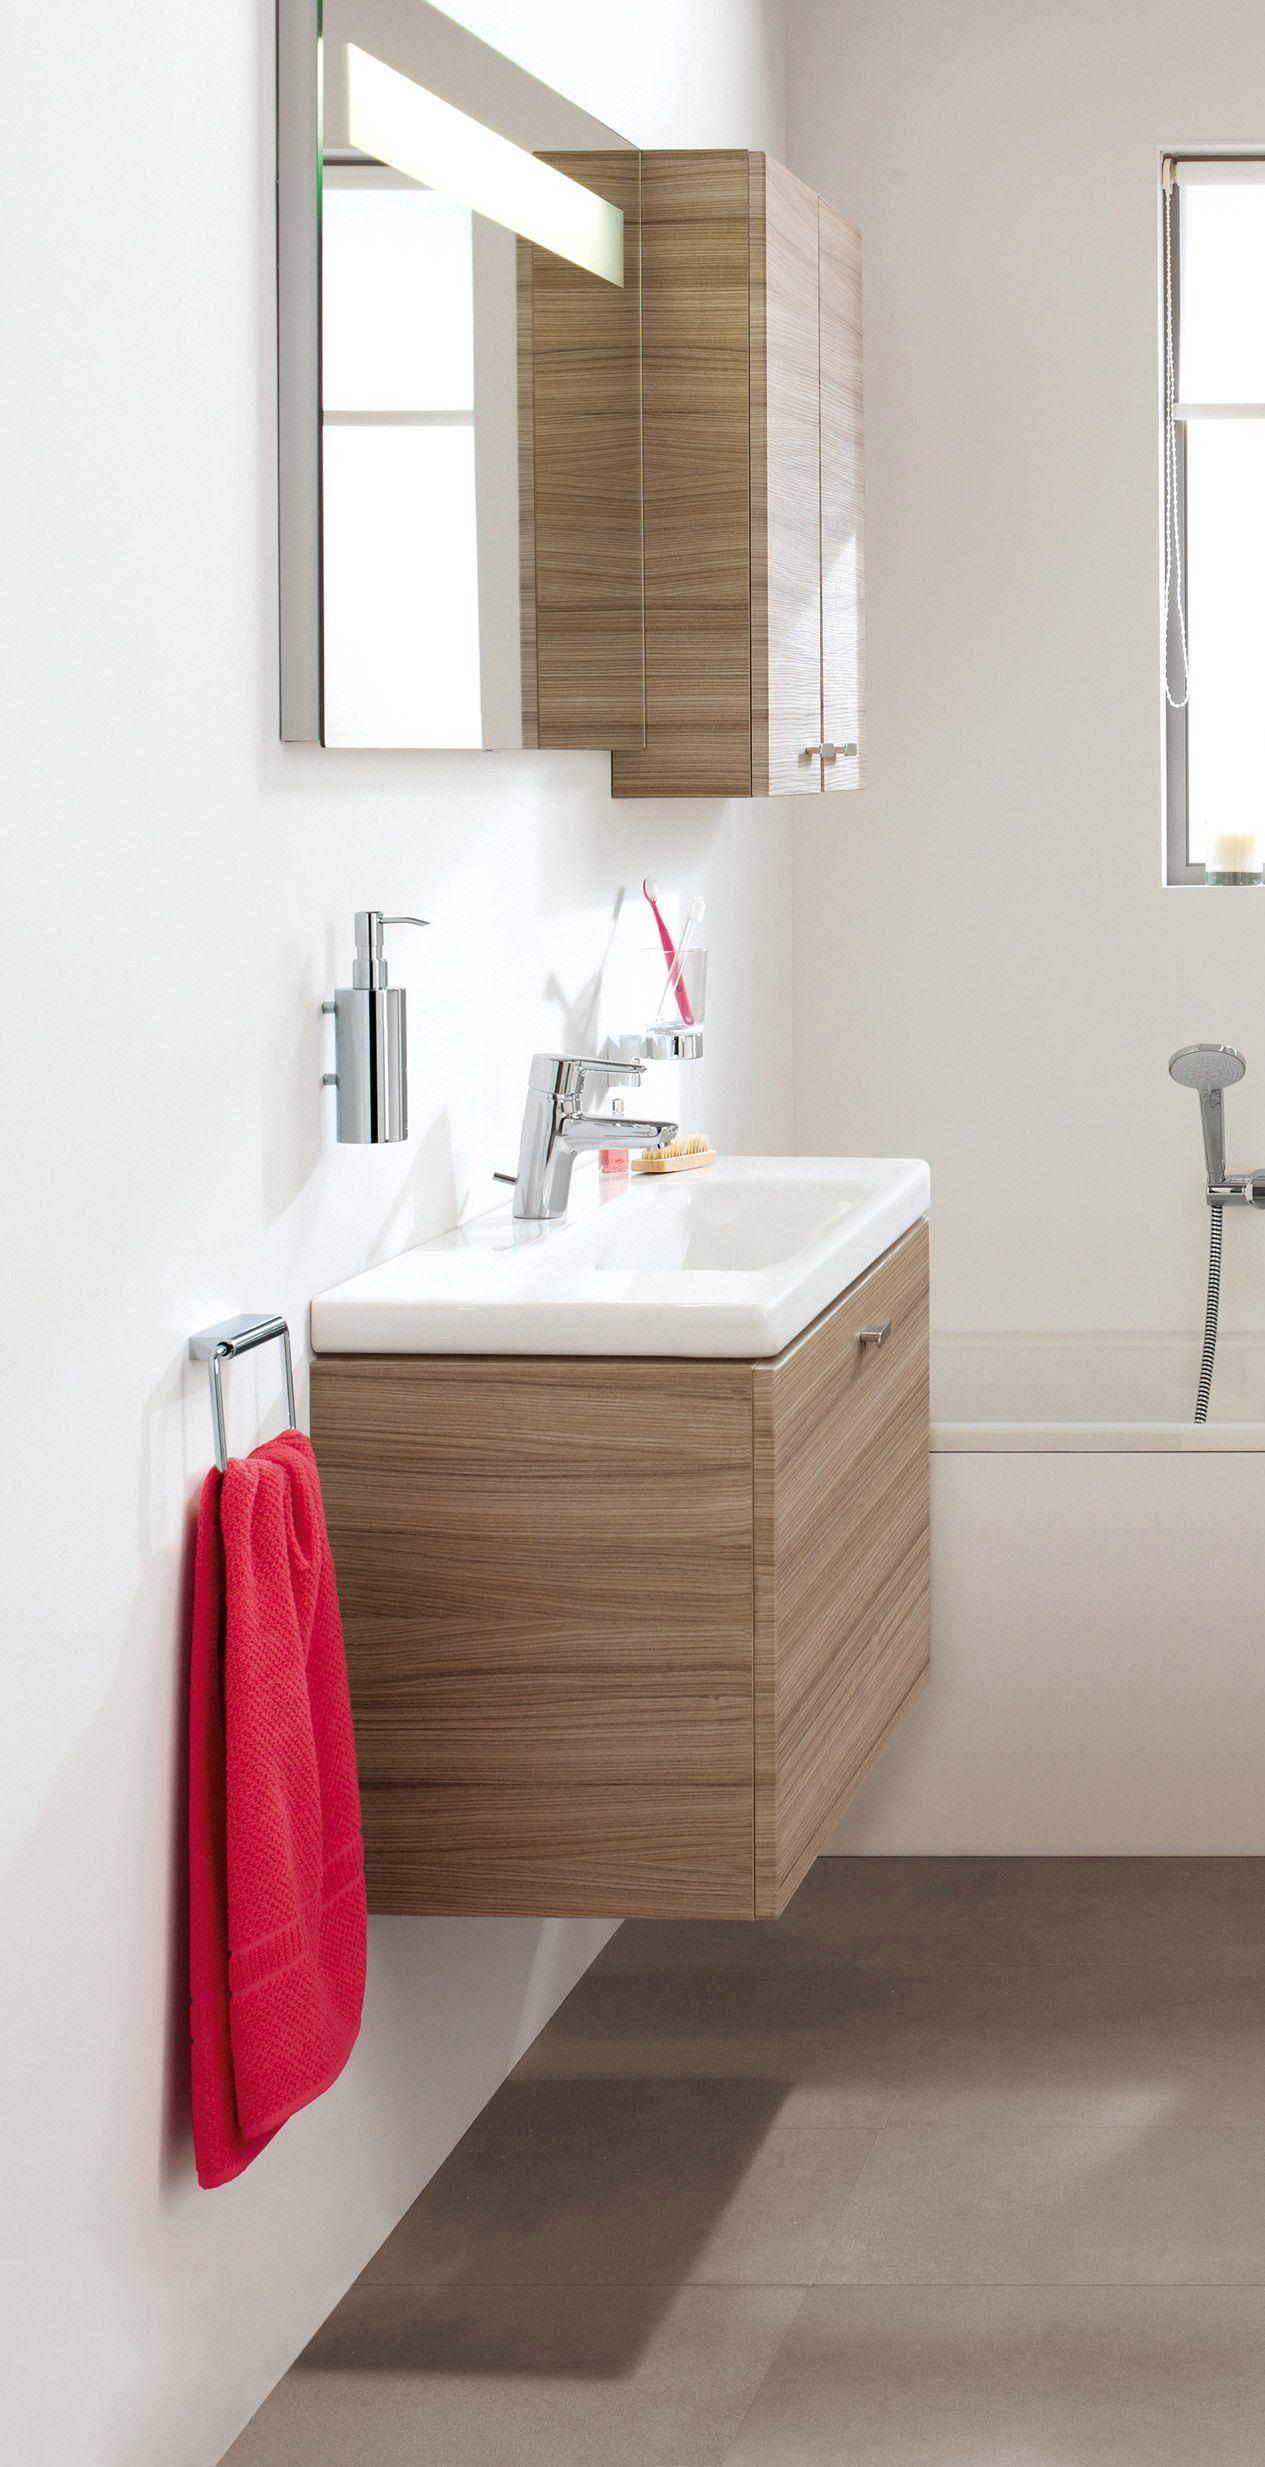 Mobile Lavabo Piu Lavatrice bagno piccolo, soluzioni piccole | washbasin wardrobe